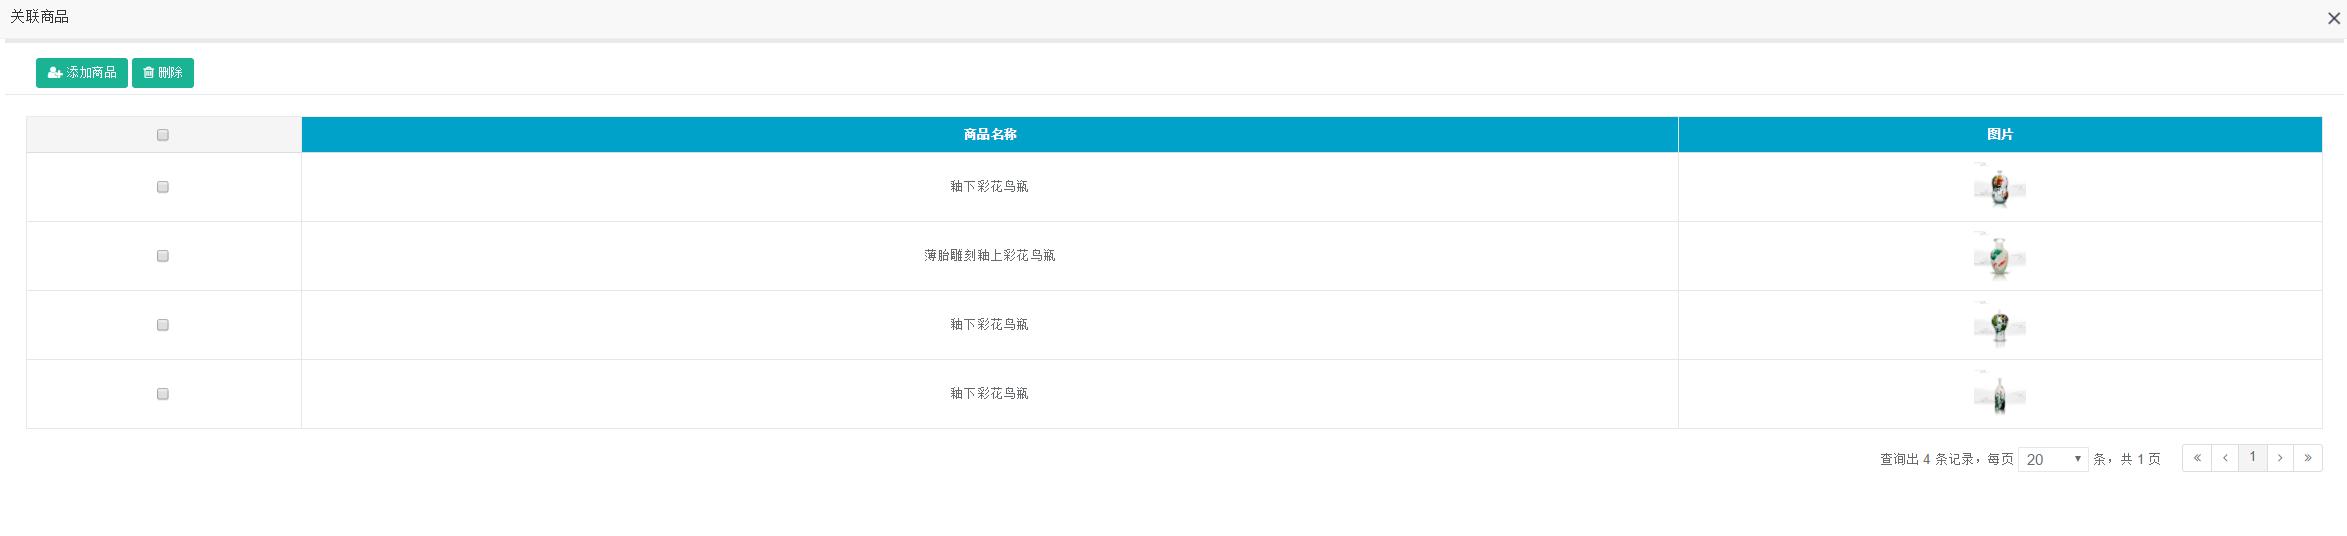 17-关联商品列表.png